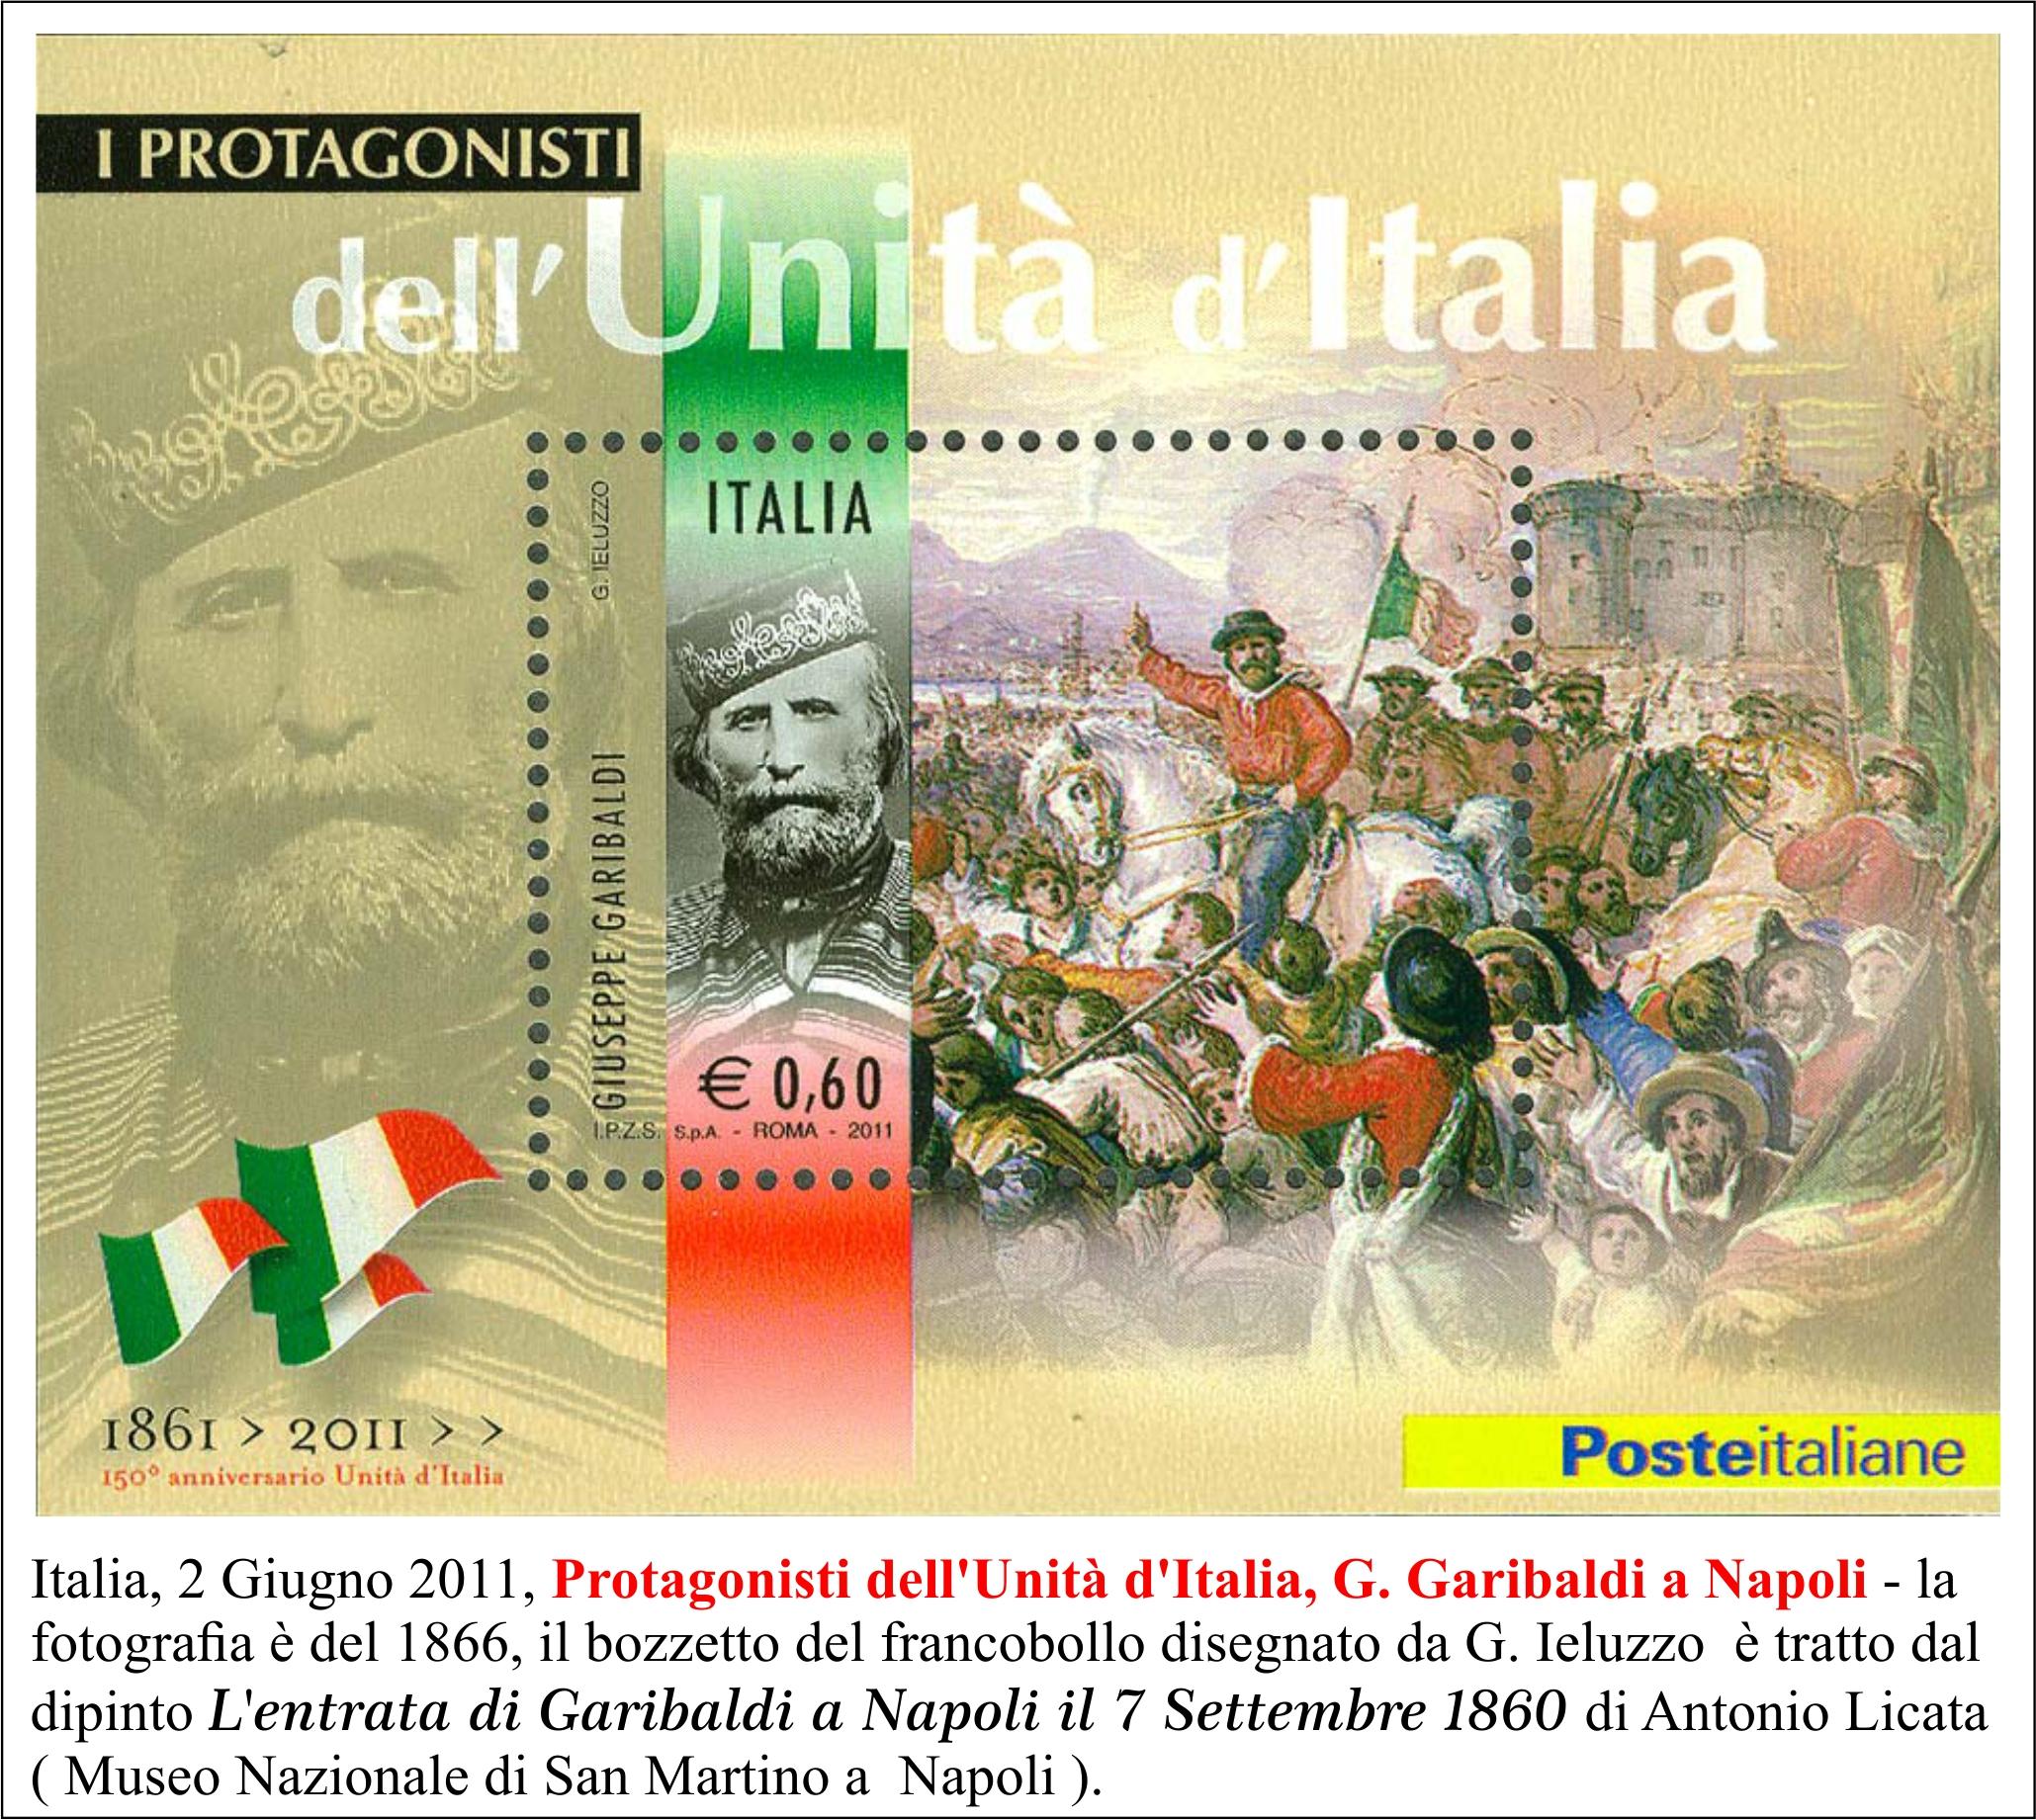 Garibaldi a Napoli 1 definitivo